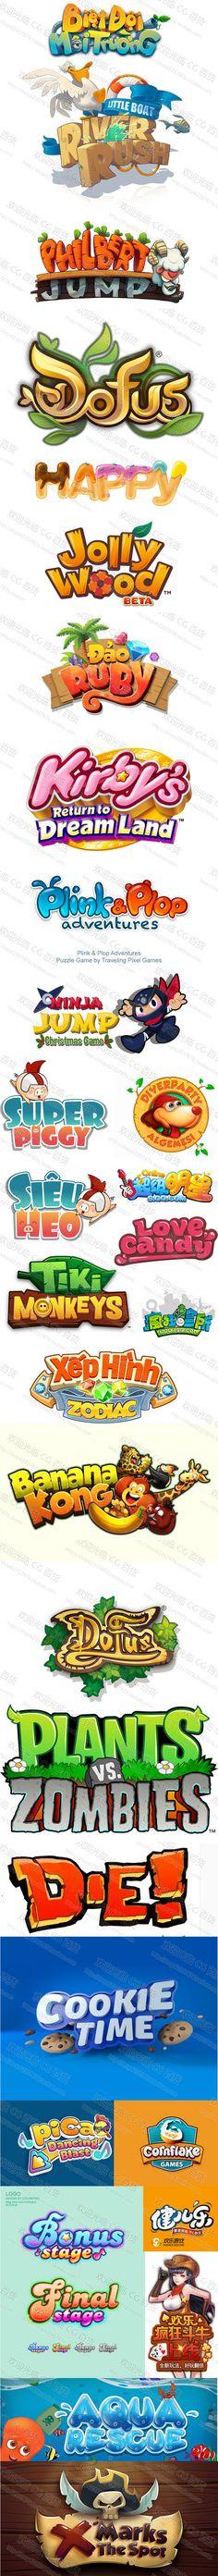 ทรัพยากรศิลปะเกมรุ่นสะสม Q องค์ประกอบของการออกแบบโลโก้ของเกม ...